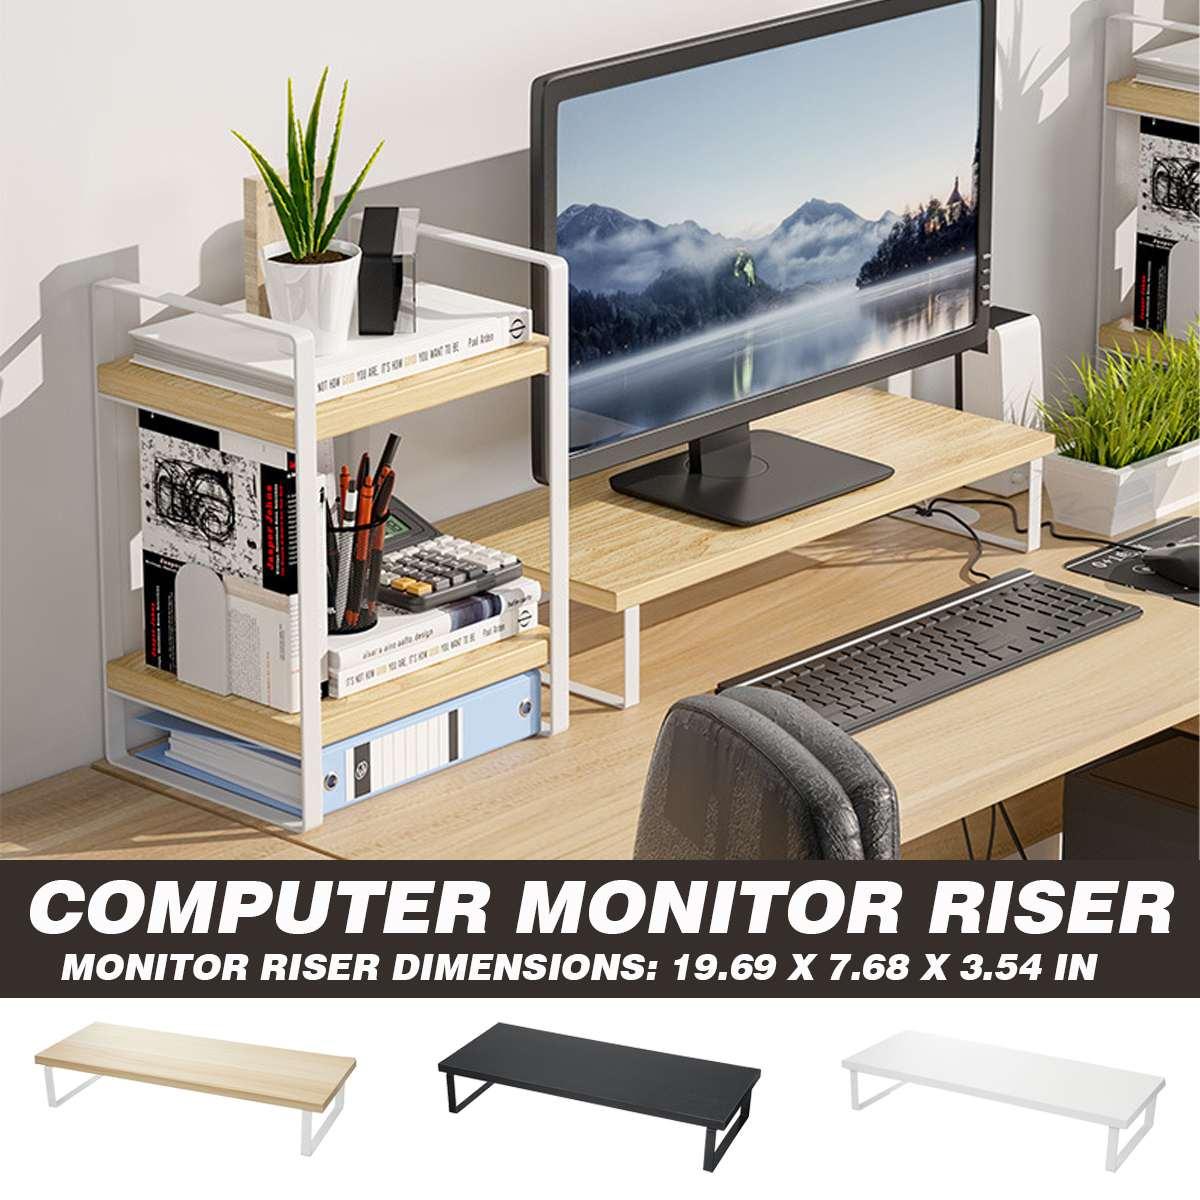 الكمبيوتر رصد الناهض الجدول حامل تلفاز مجموعة سطح المكتب المحمول المنظم رفوف المنزل مكتب Lapdesk رصد حامل شاشة الرف